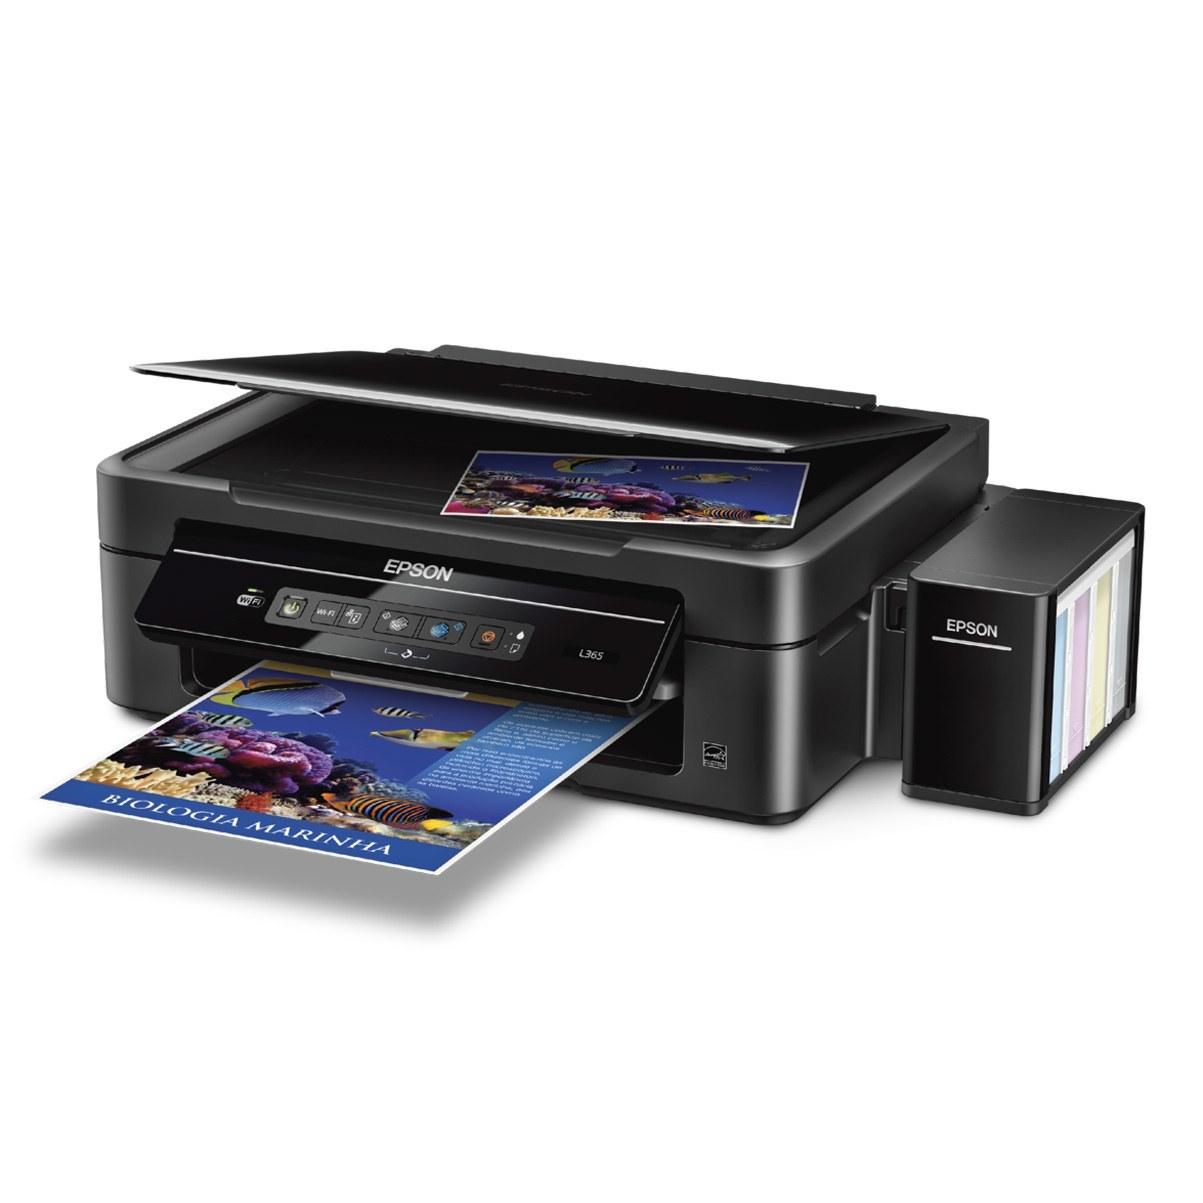 عکس پرینتر سه کاره جوهر افشان ال ۳۶۵ اپسون با قابلیت بی سیم Epson L365 Wireless Inkjet Printer پرینتر-سه-کاره-جوهر-افشان-ال-365-اپسون-با-قابلیت-بی-سیم